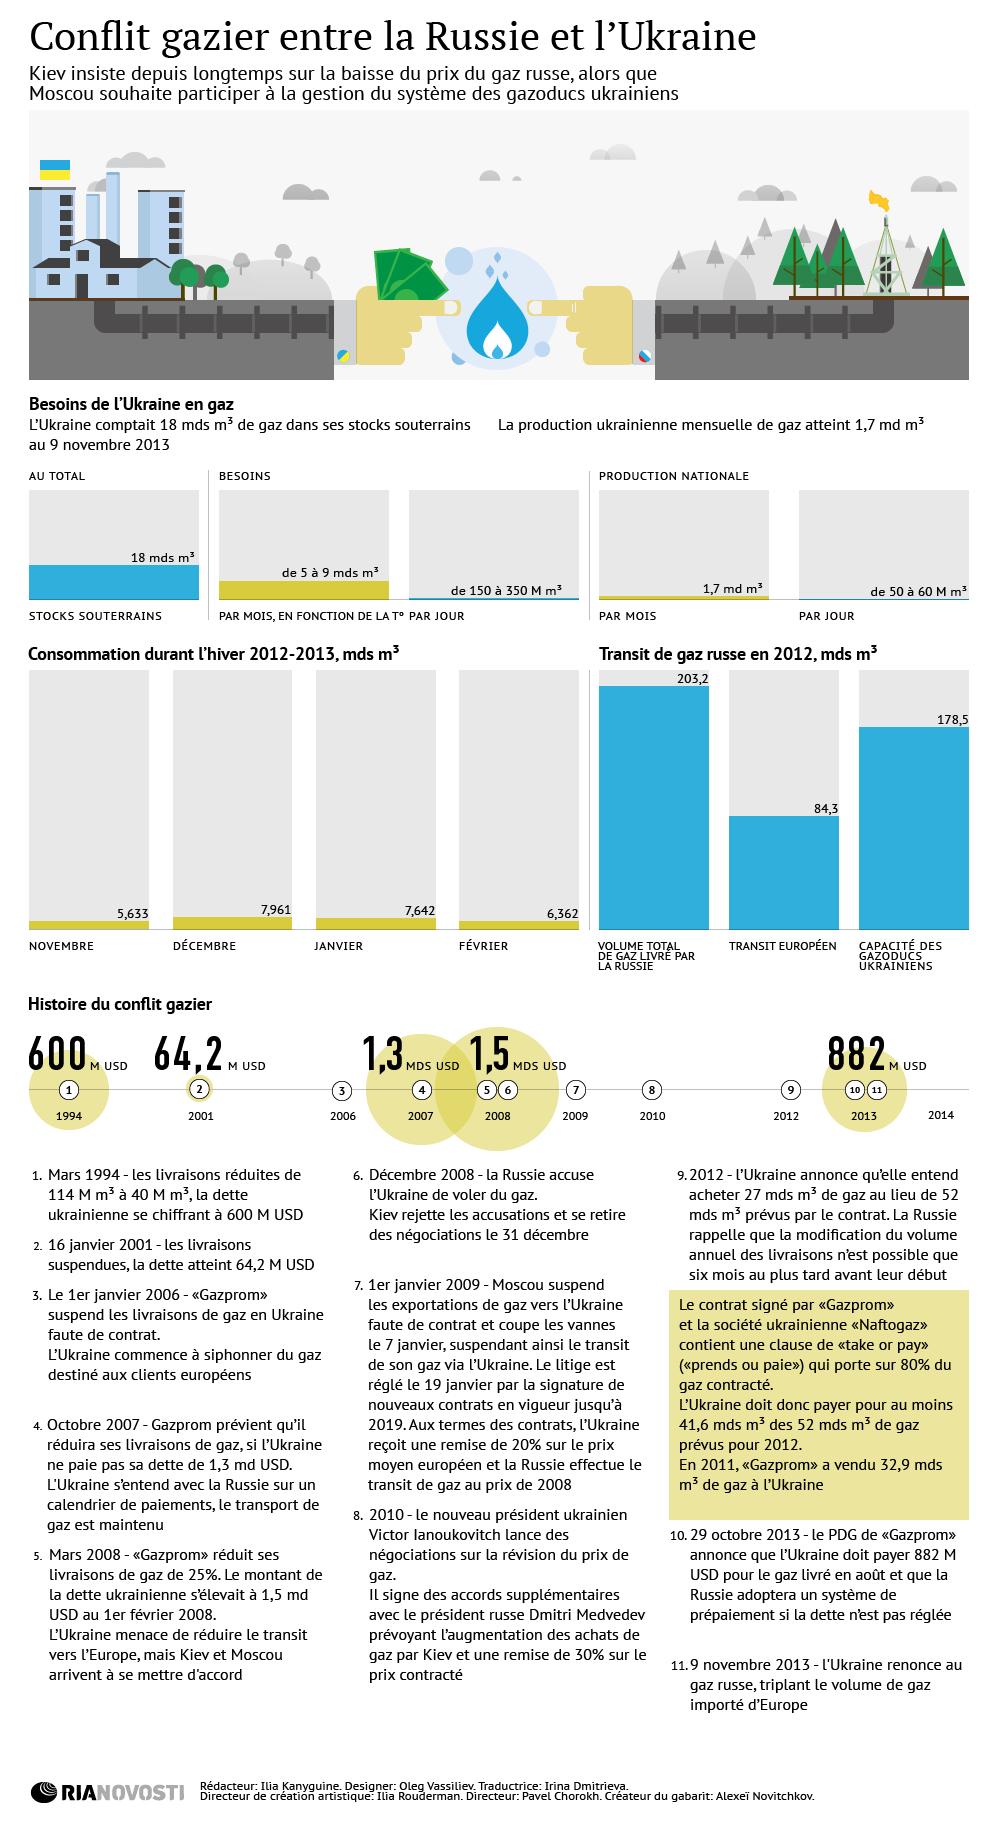 Russie-Ukraine: conflit gazier